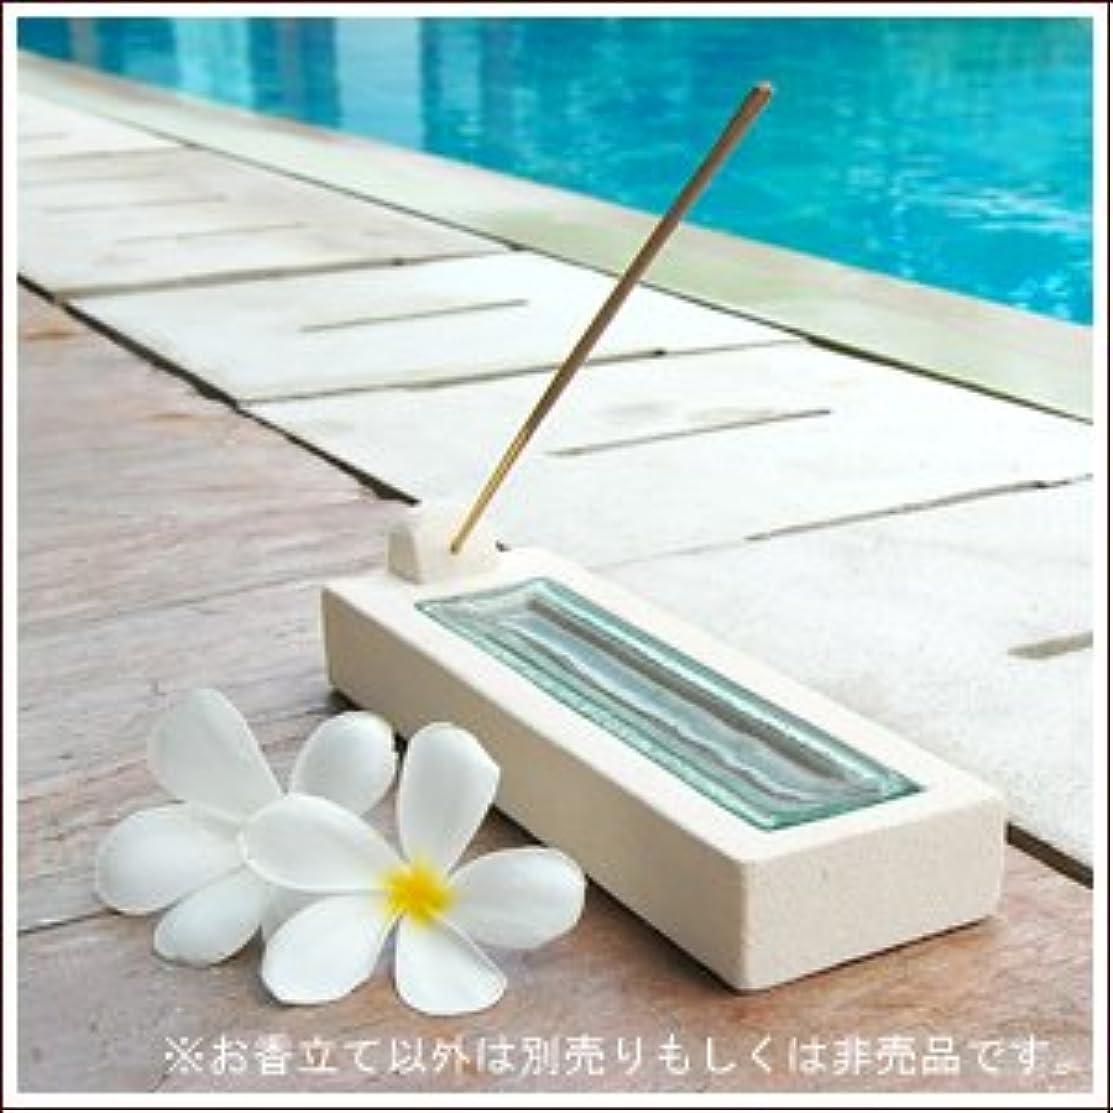 【アジア工房】ホワイトパラス石とガラスの涼しげなお香立て[3741] [並行輸入品]